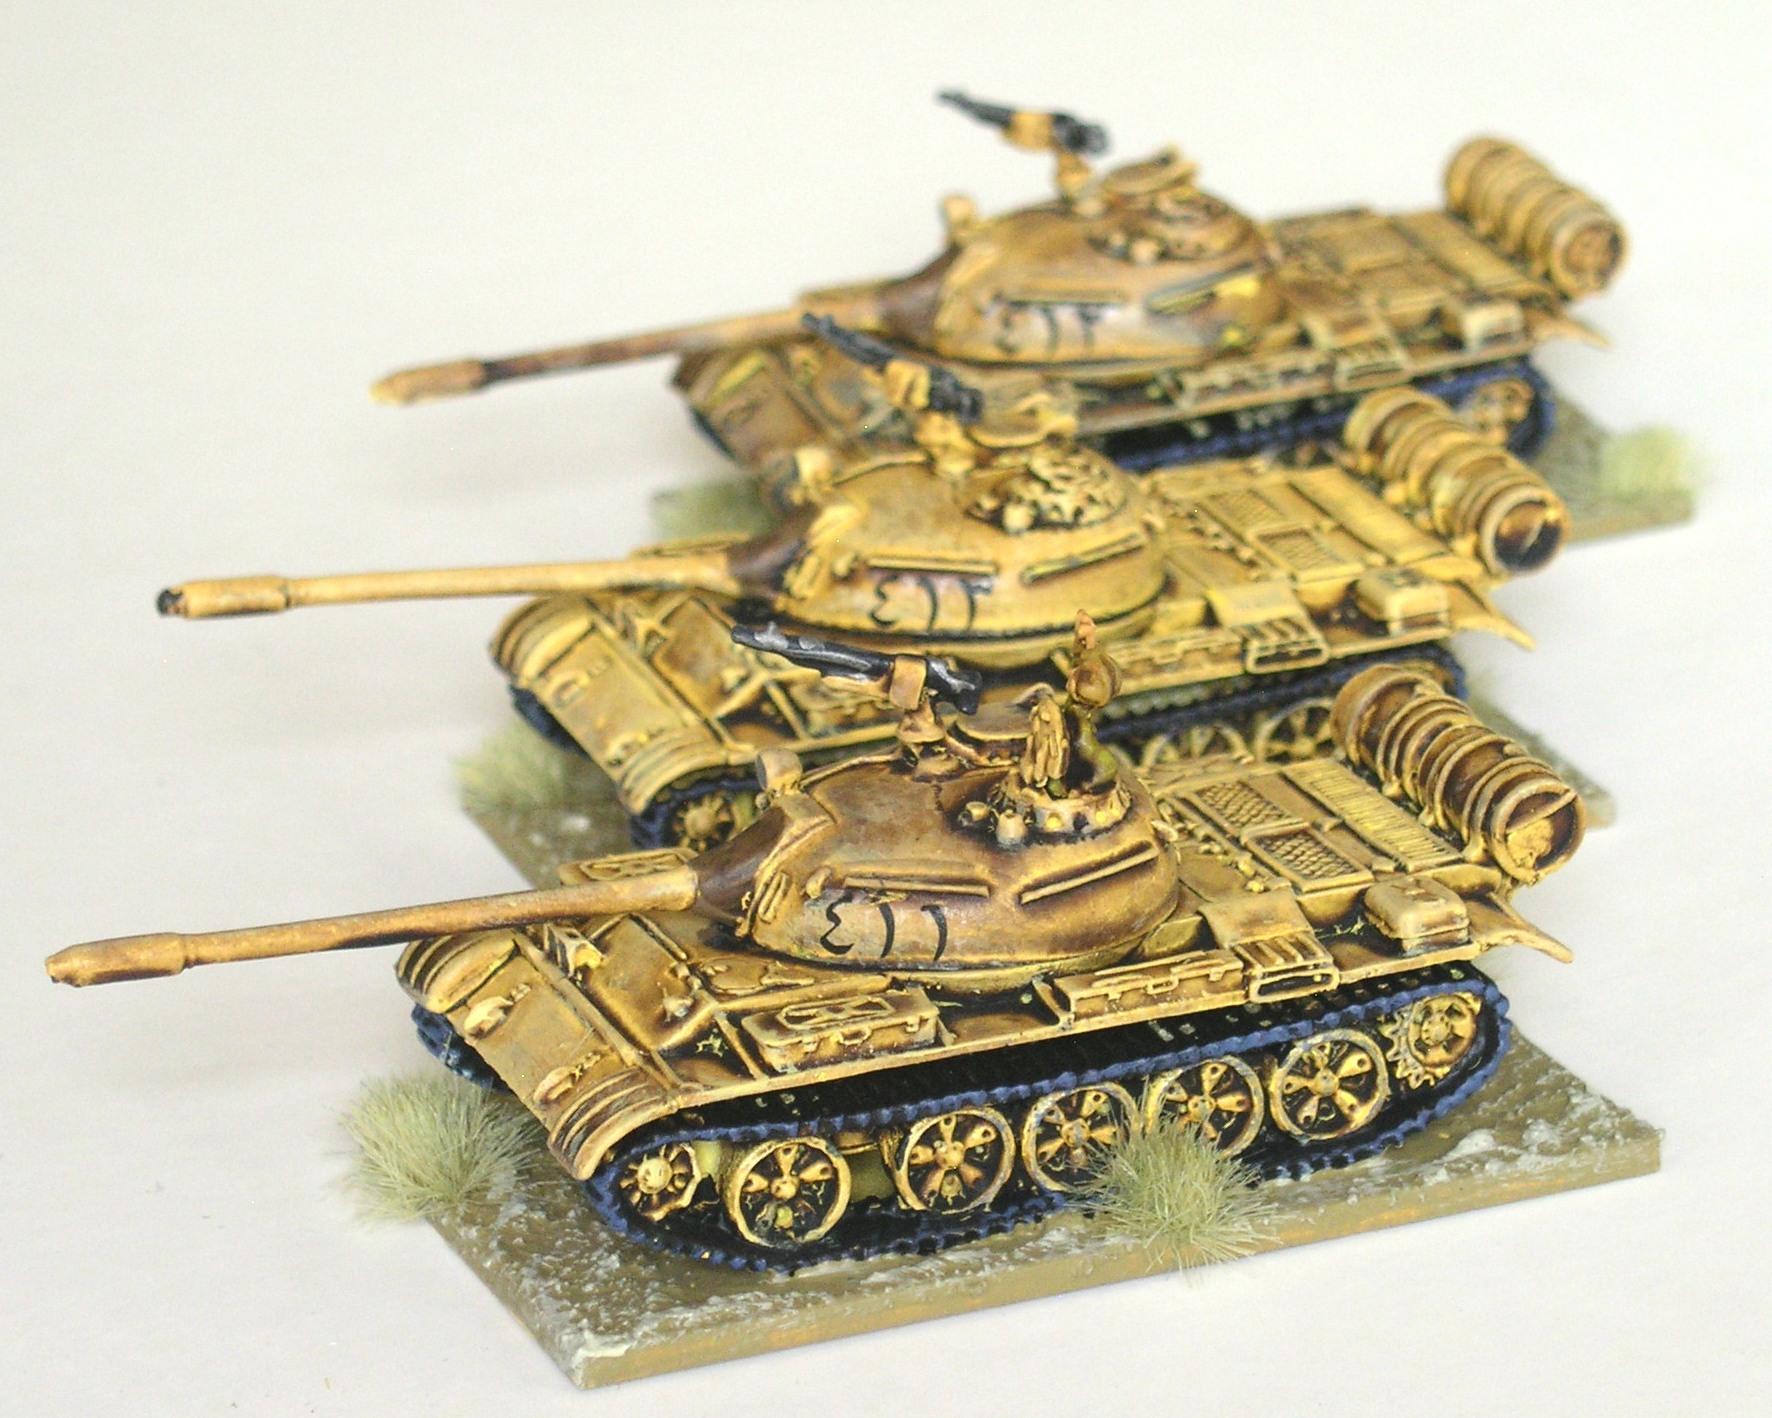 1st Platoon: 3 x T-55